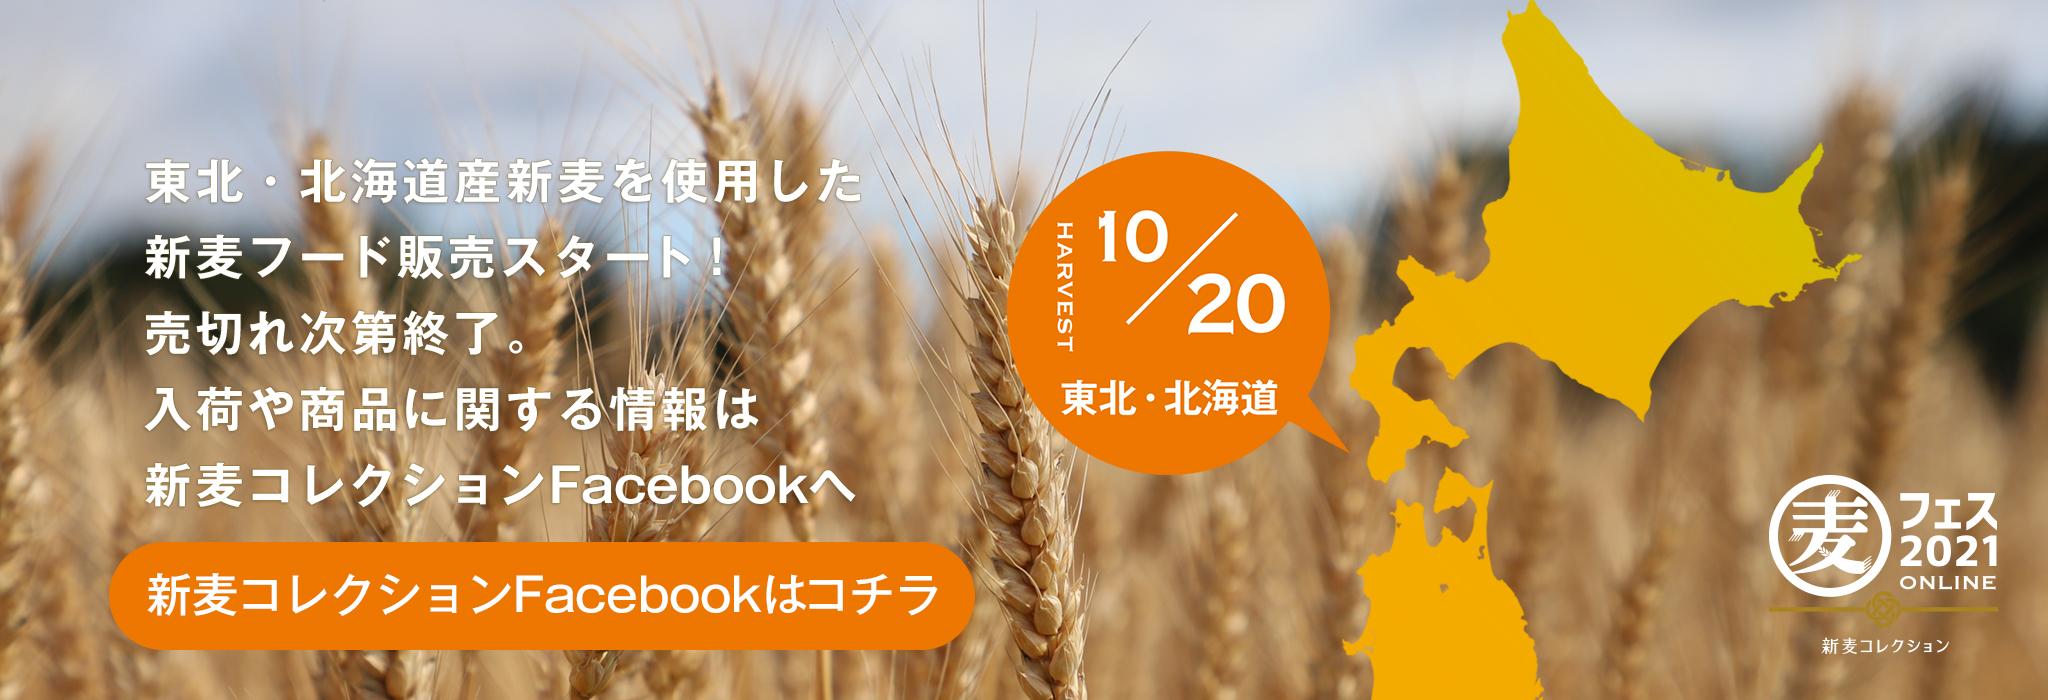 北海道産新麦を使用した新麦フード販売スタート!随時追加販売、売り切れ次第終了。入荷情報は新麦コレクションFacebookへ